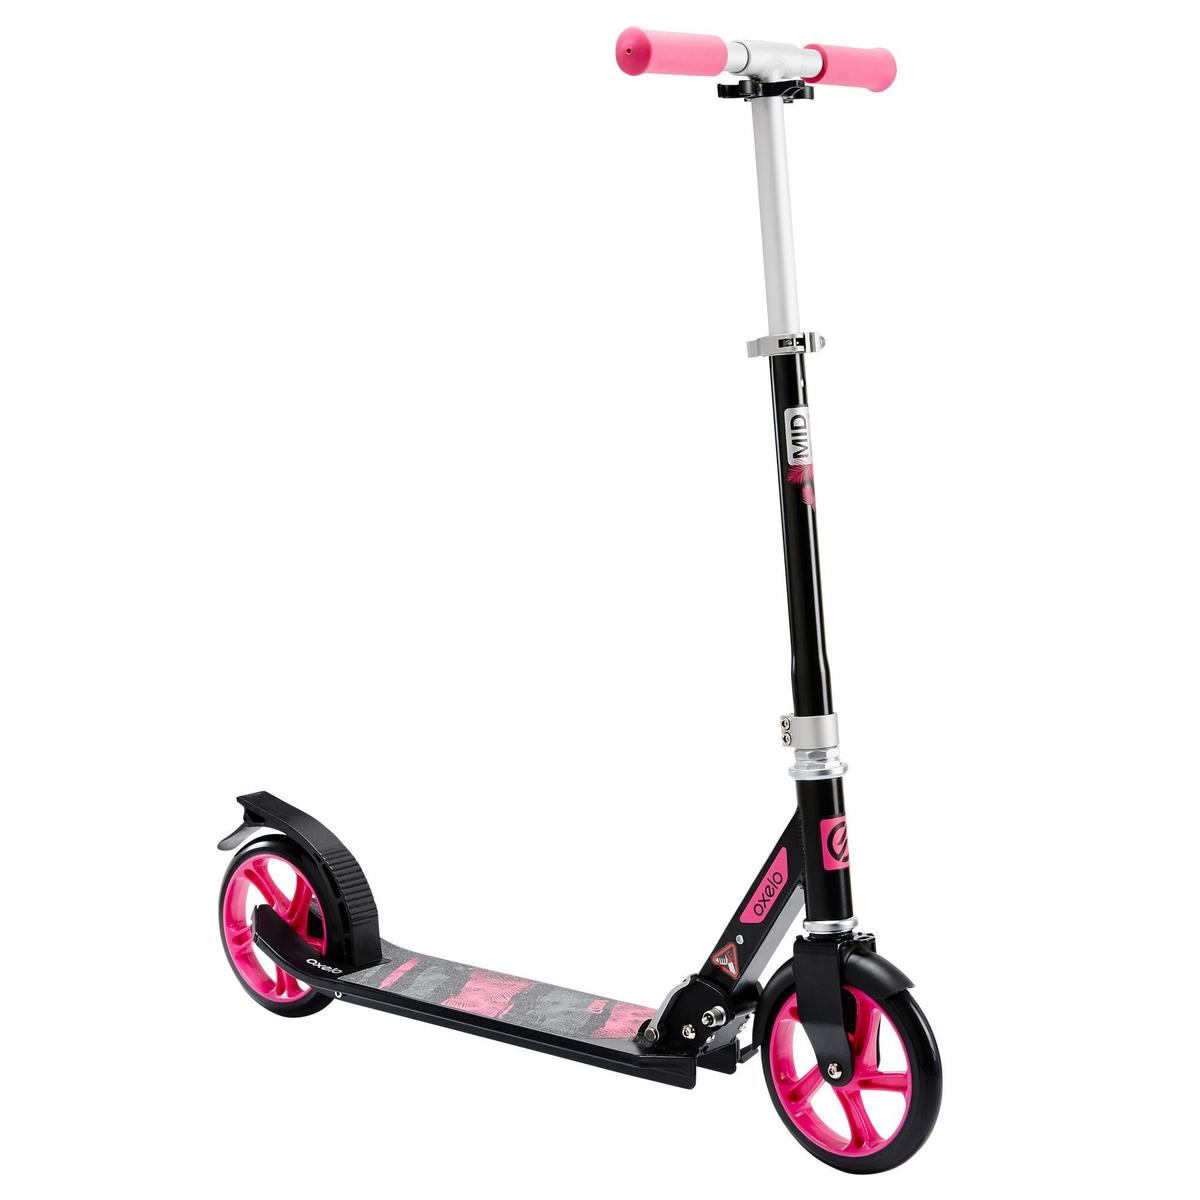 Bild 1 von City-Roller Scooter Mid 7 mit Ständer schwarz/rosa